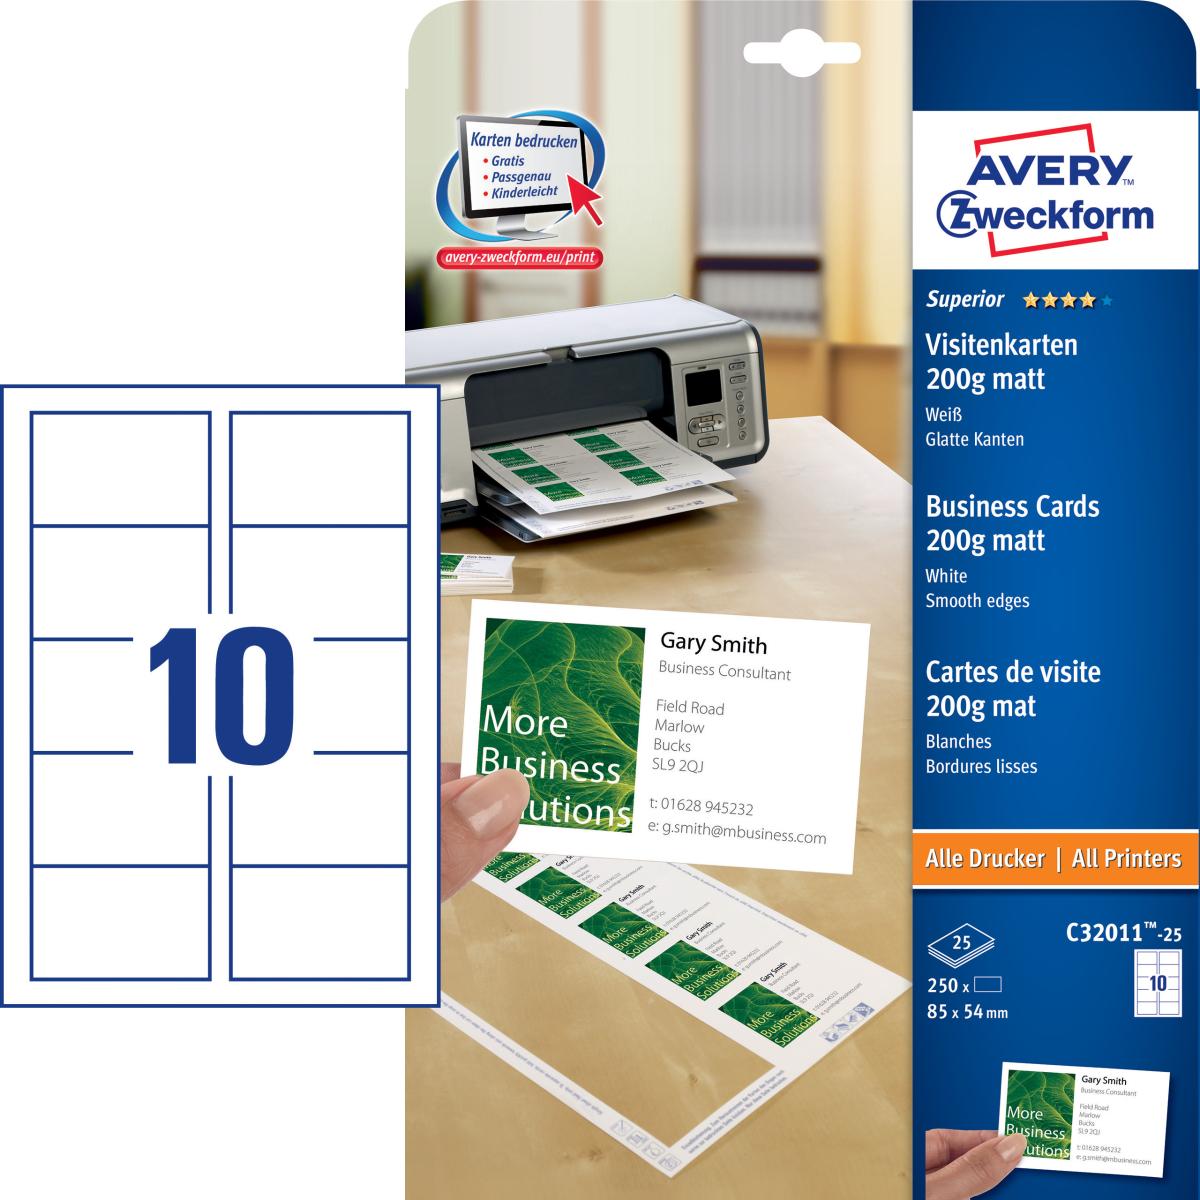 avery c32011 visitkort mat laser inkjet køb nu lomax a s